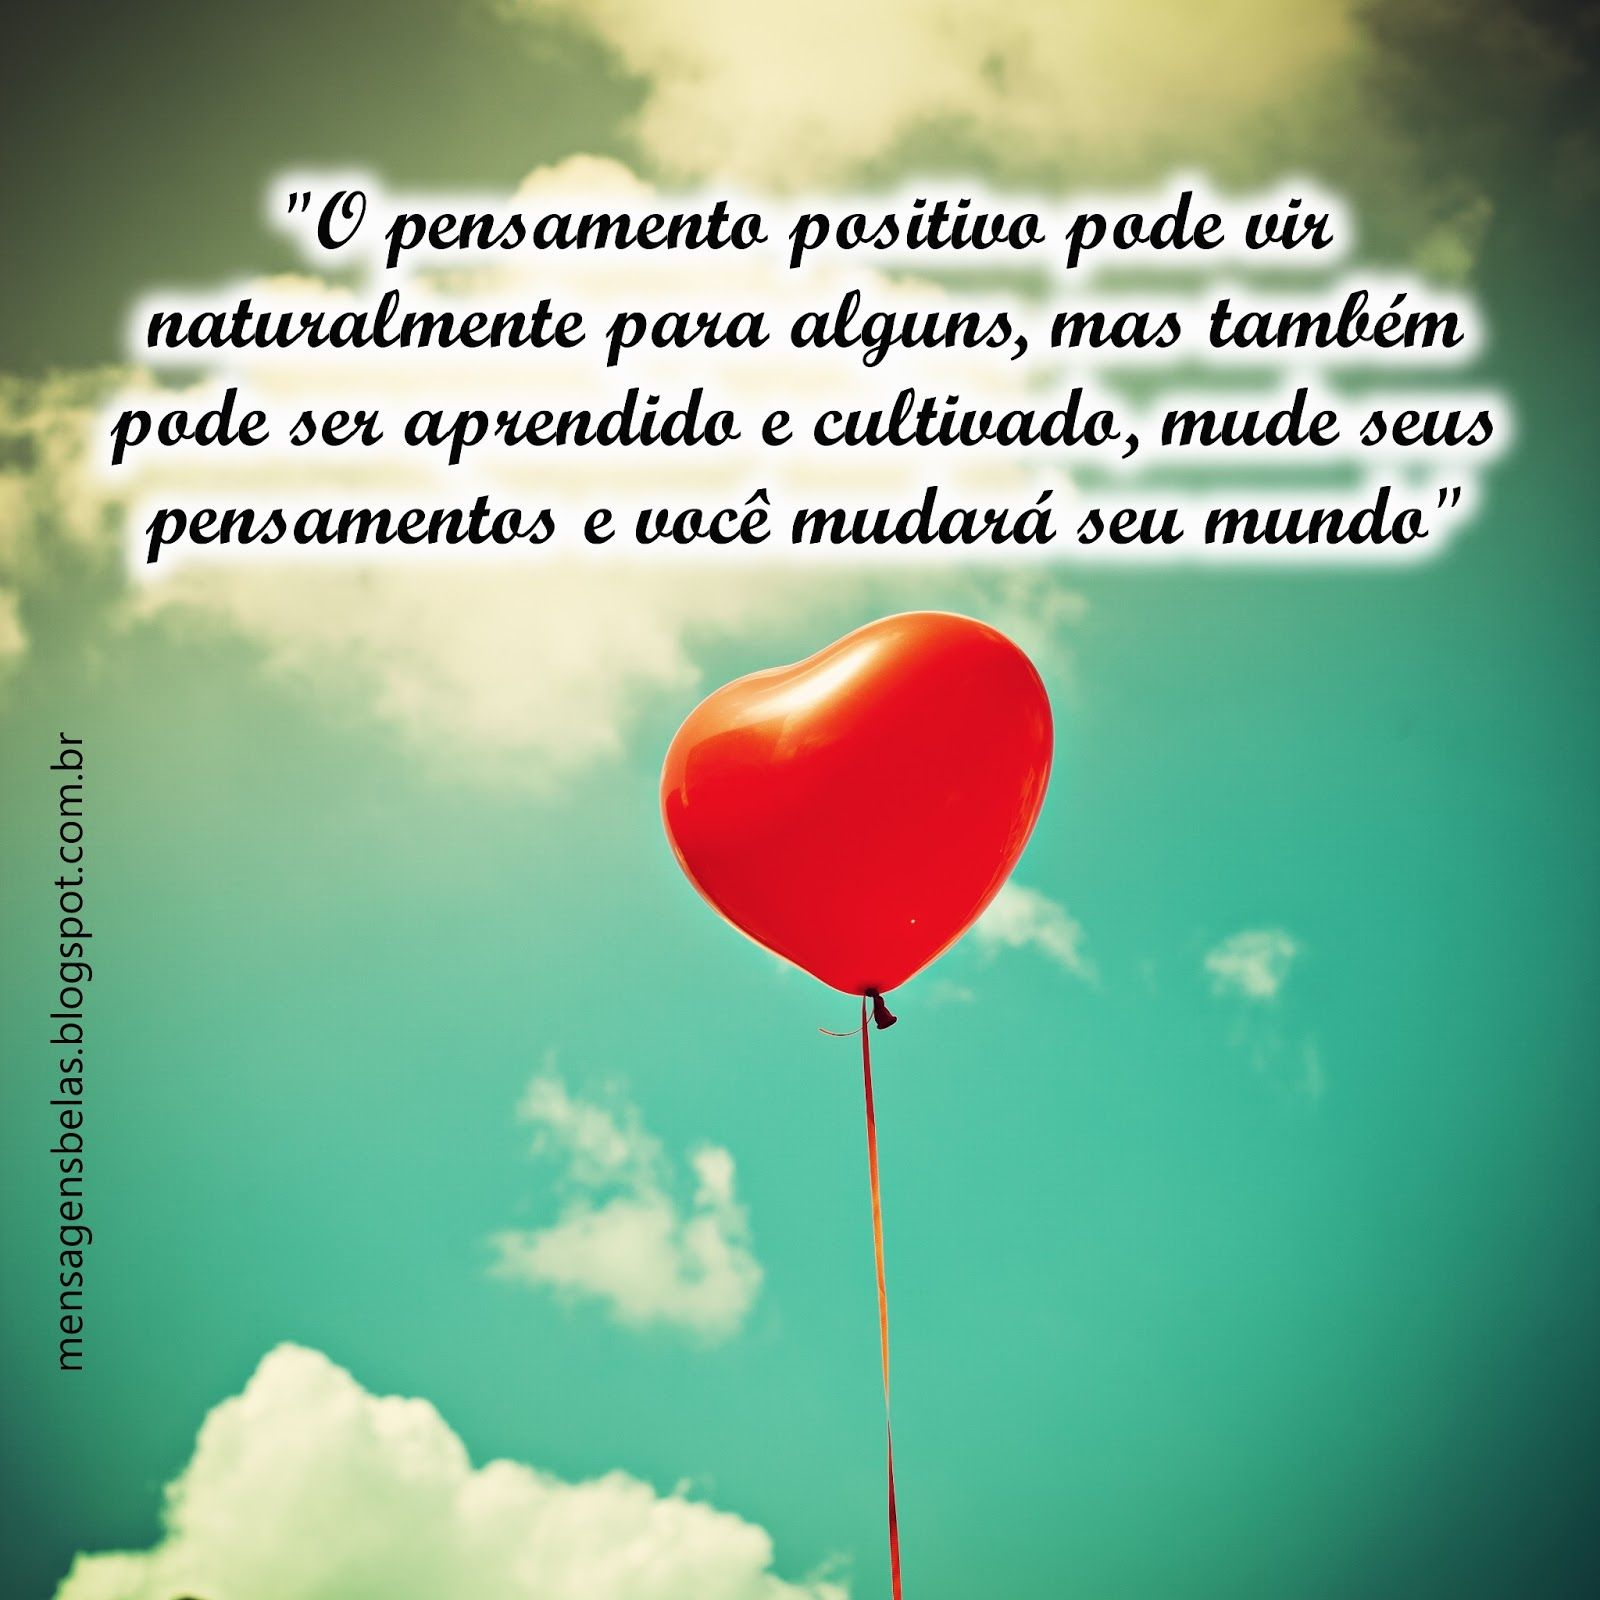 Imagens De Amor - Pensamento Positivo